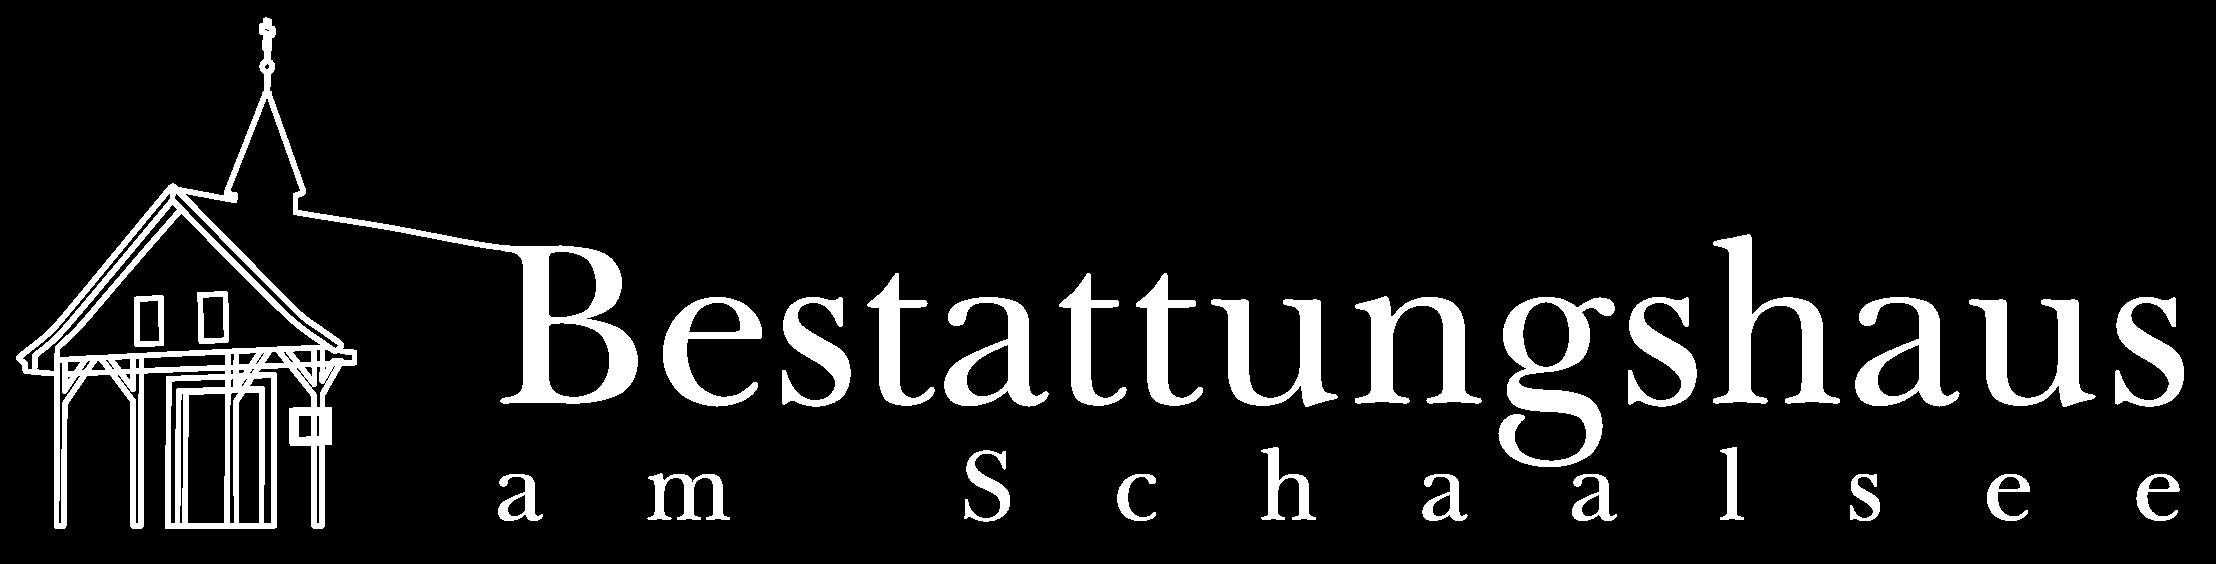 www.bestattungshaus-schaalsee.de